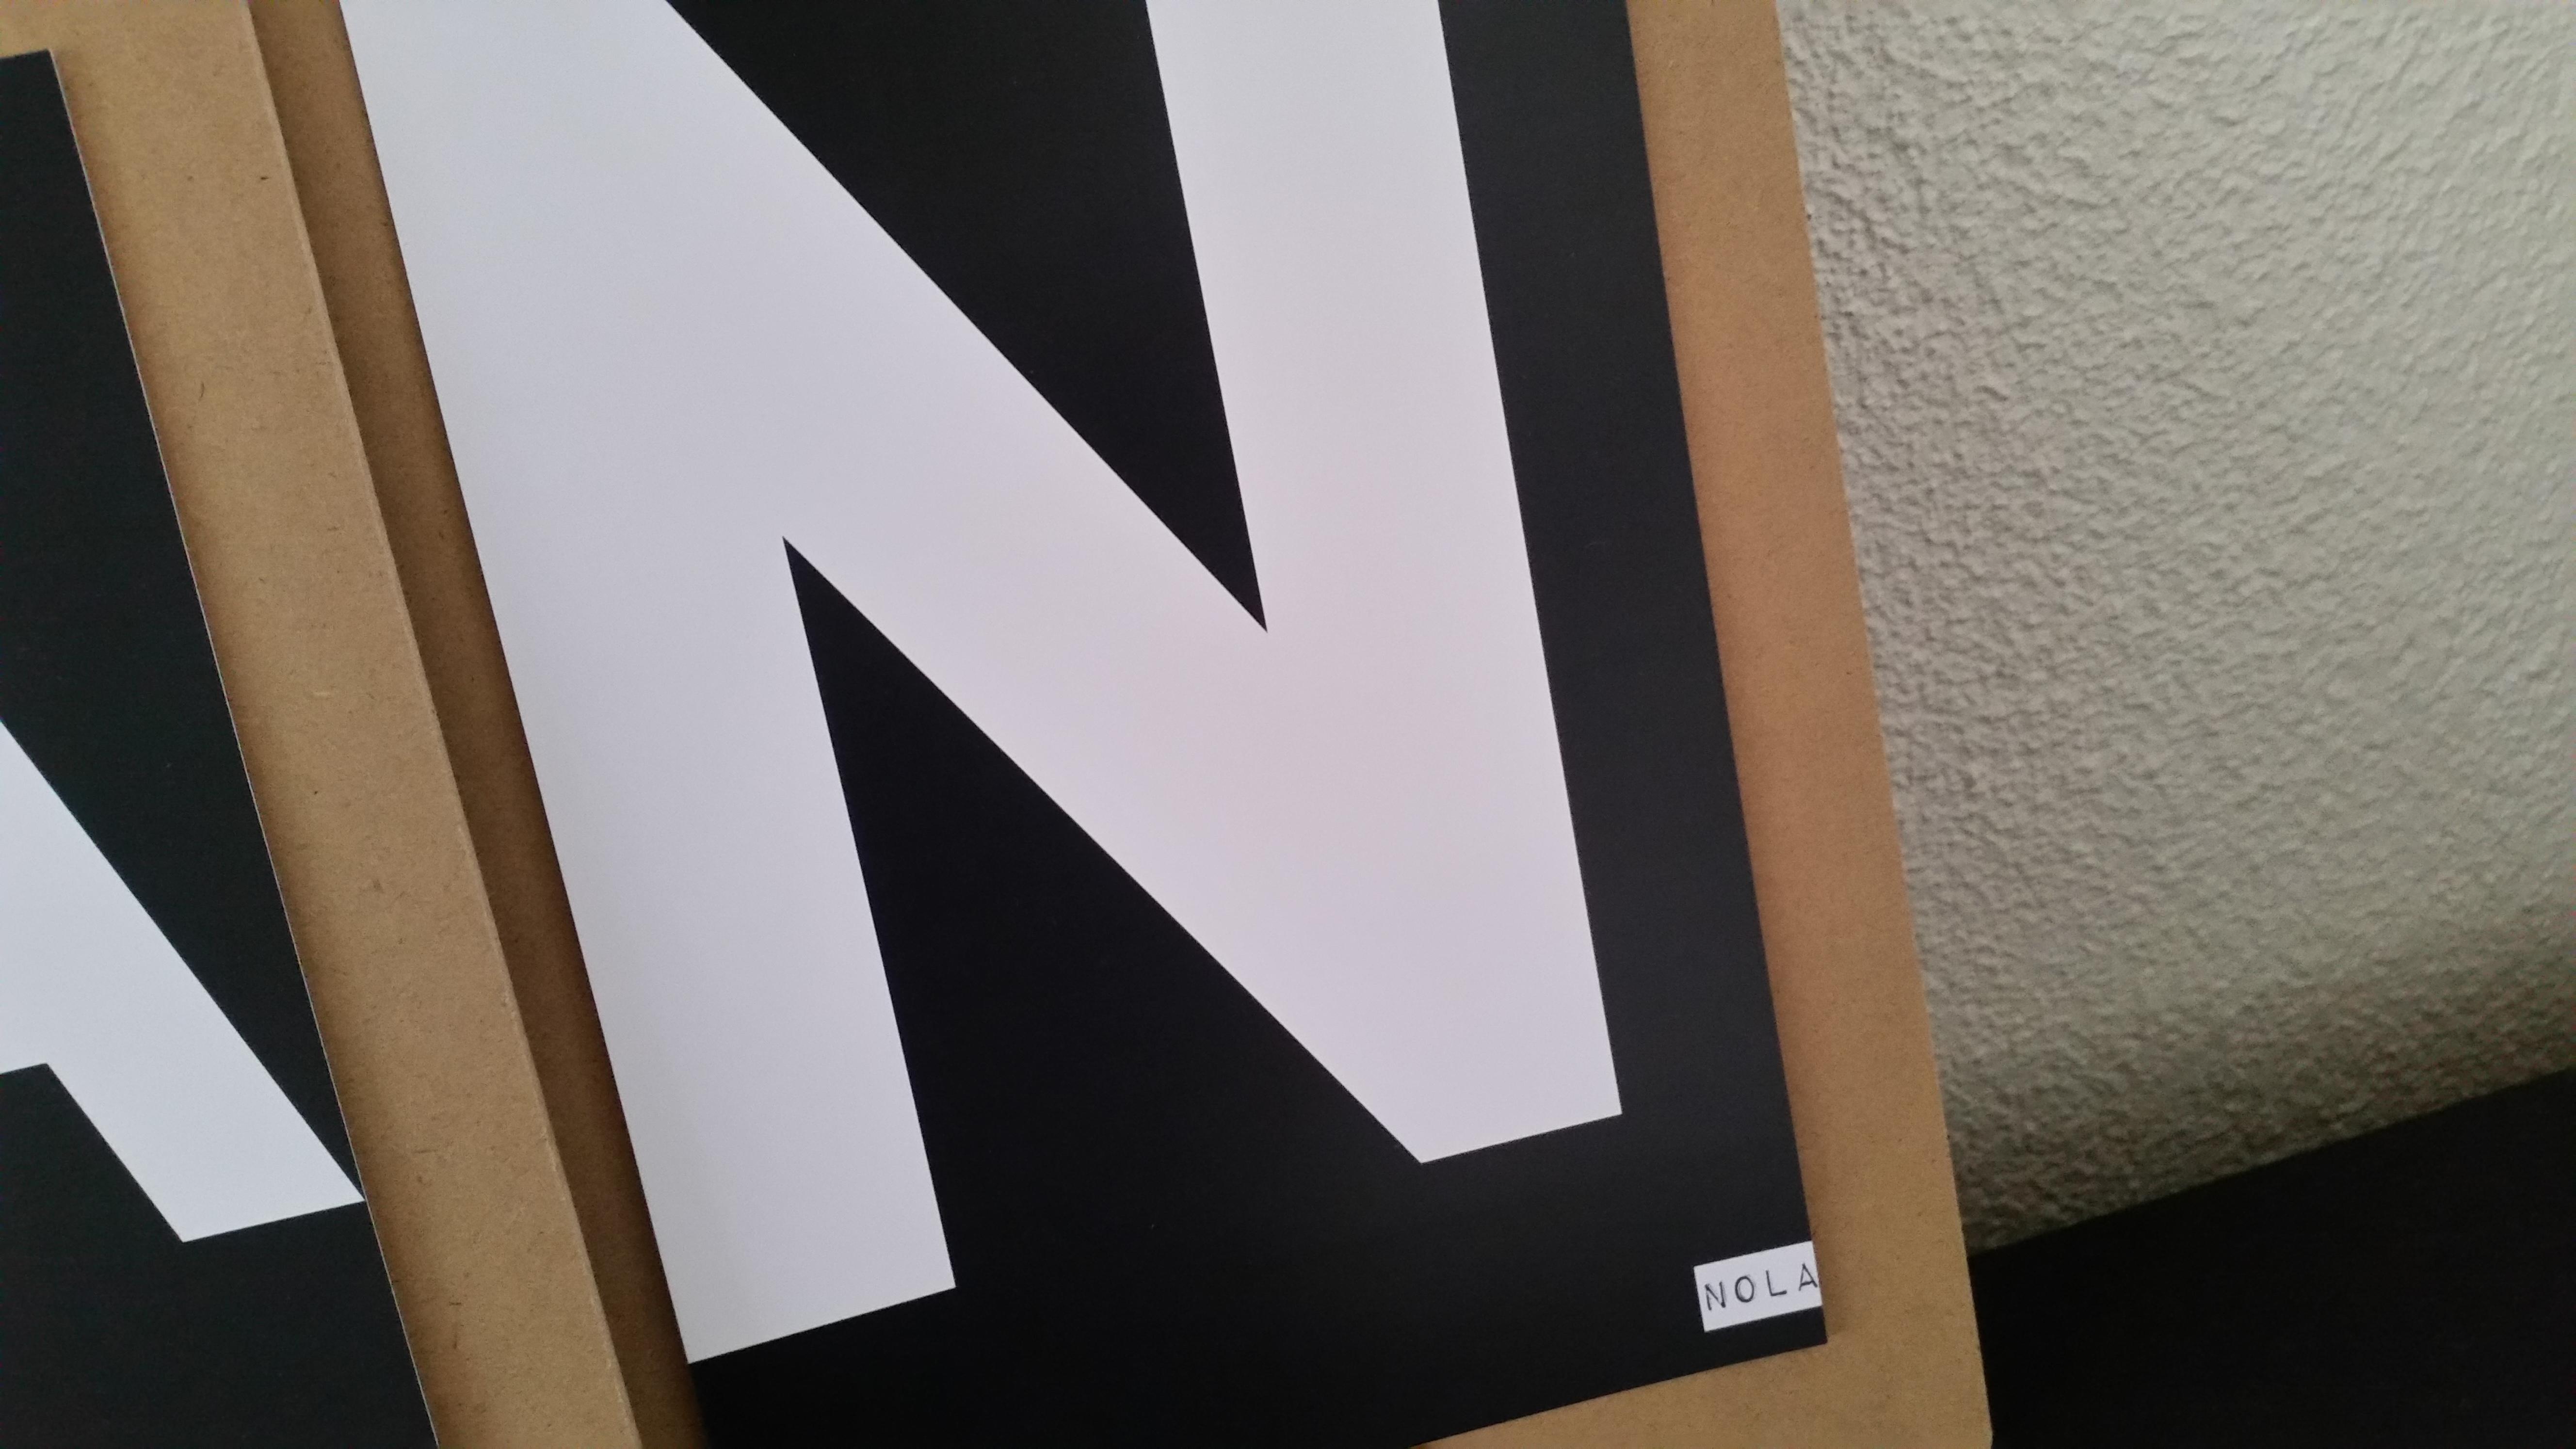 5-16-printcandy-welkom-huis-inrichting-styling-accessoires-naam-initialen-clipboard-clipboards-poster-posters-leuk-huis-gang-mint-zwart-wit-zelf-maken-ontwerpen-nanny-moeder-amsterdam-n